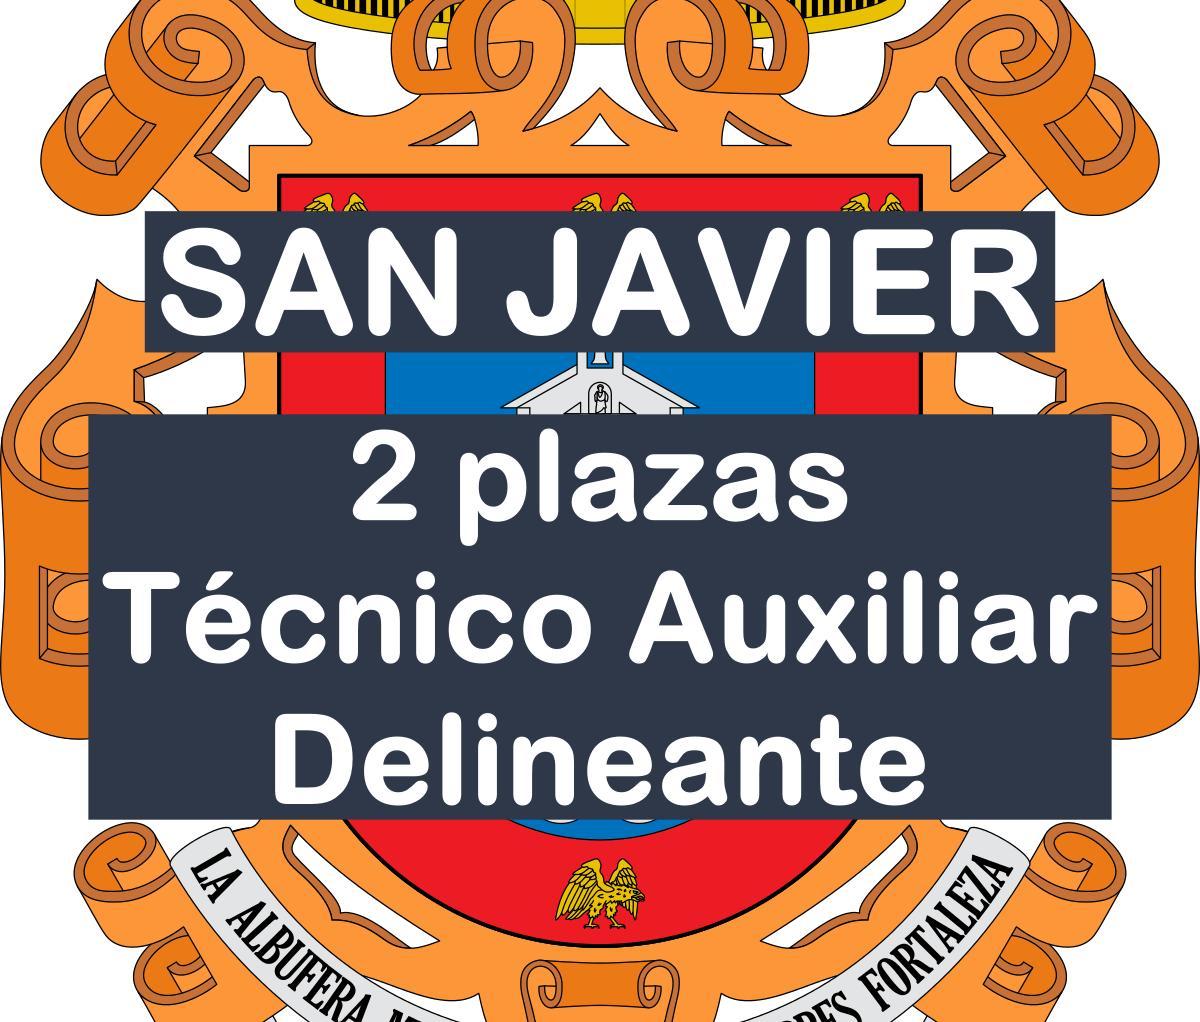 2 plazas de Técnico Auxiliar Delineante del Ayuntamiento de San Javier